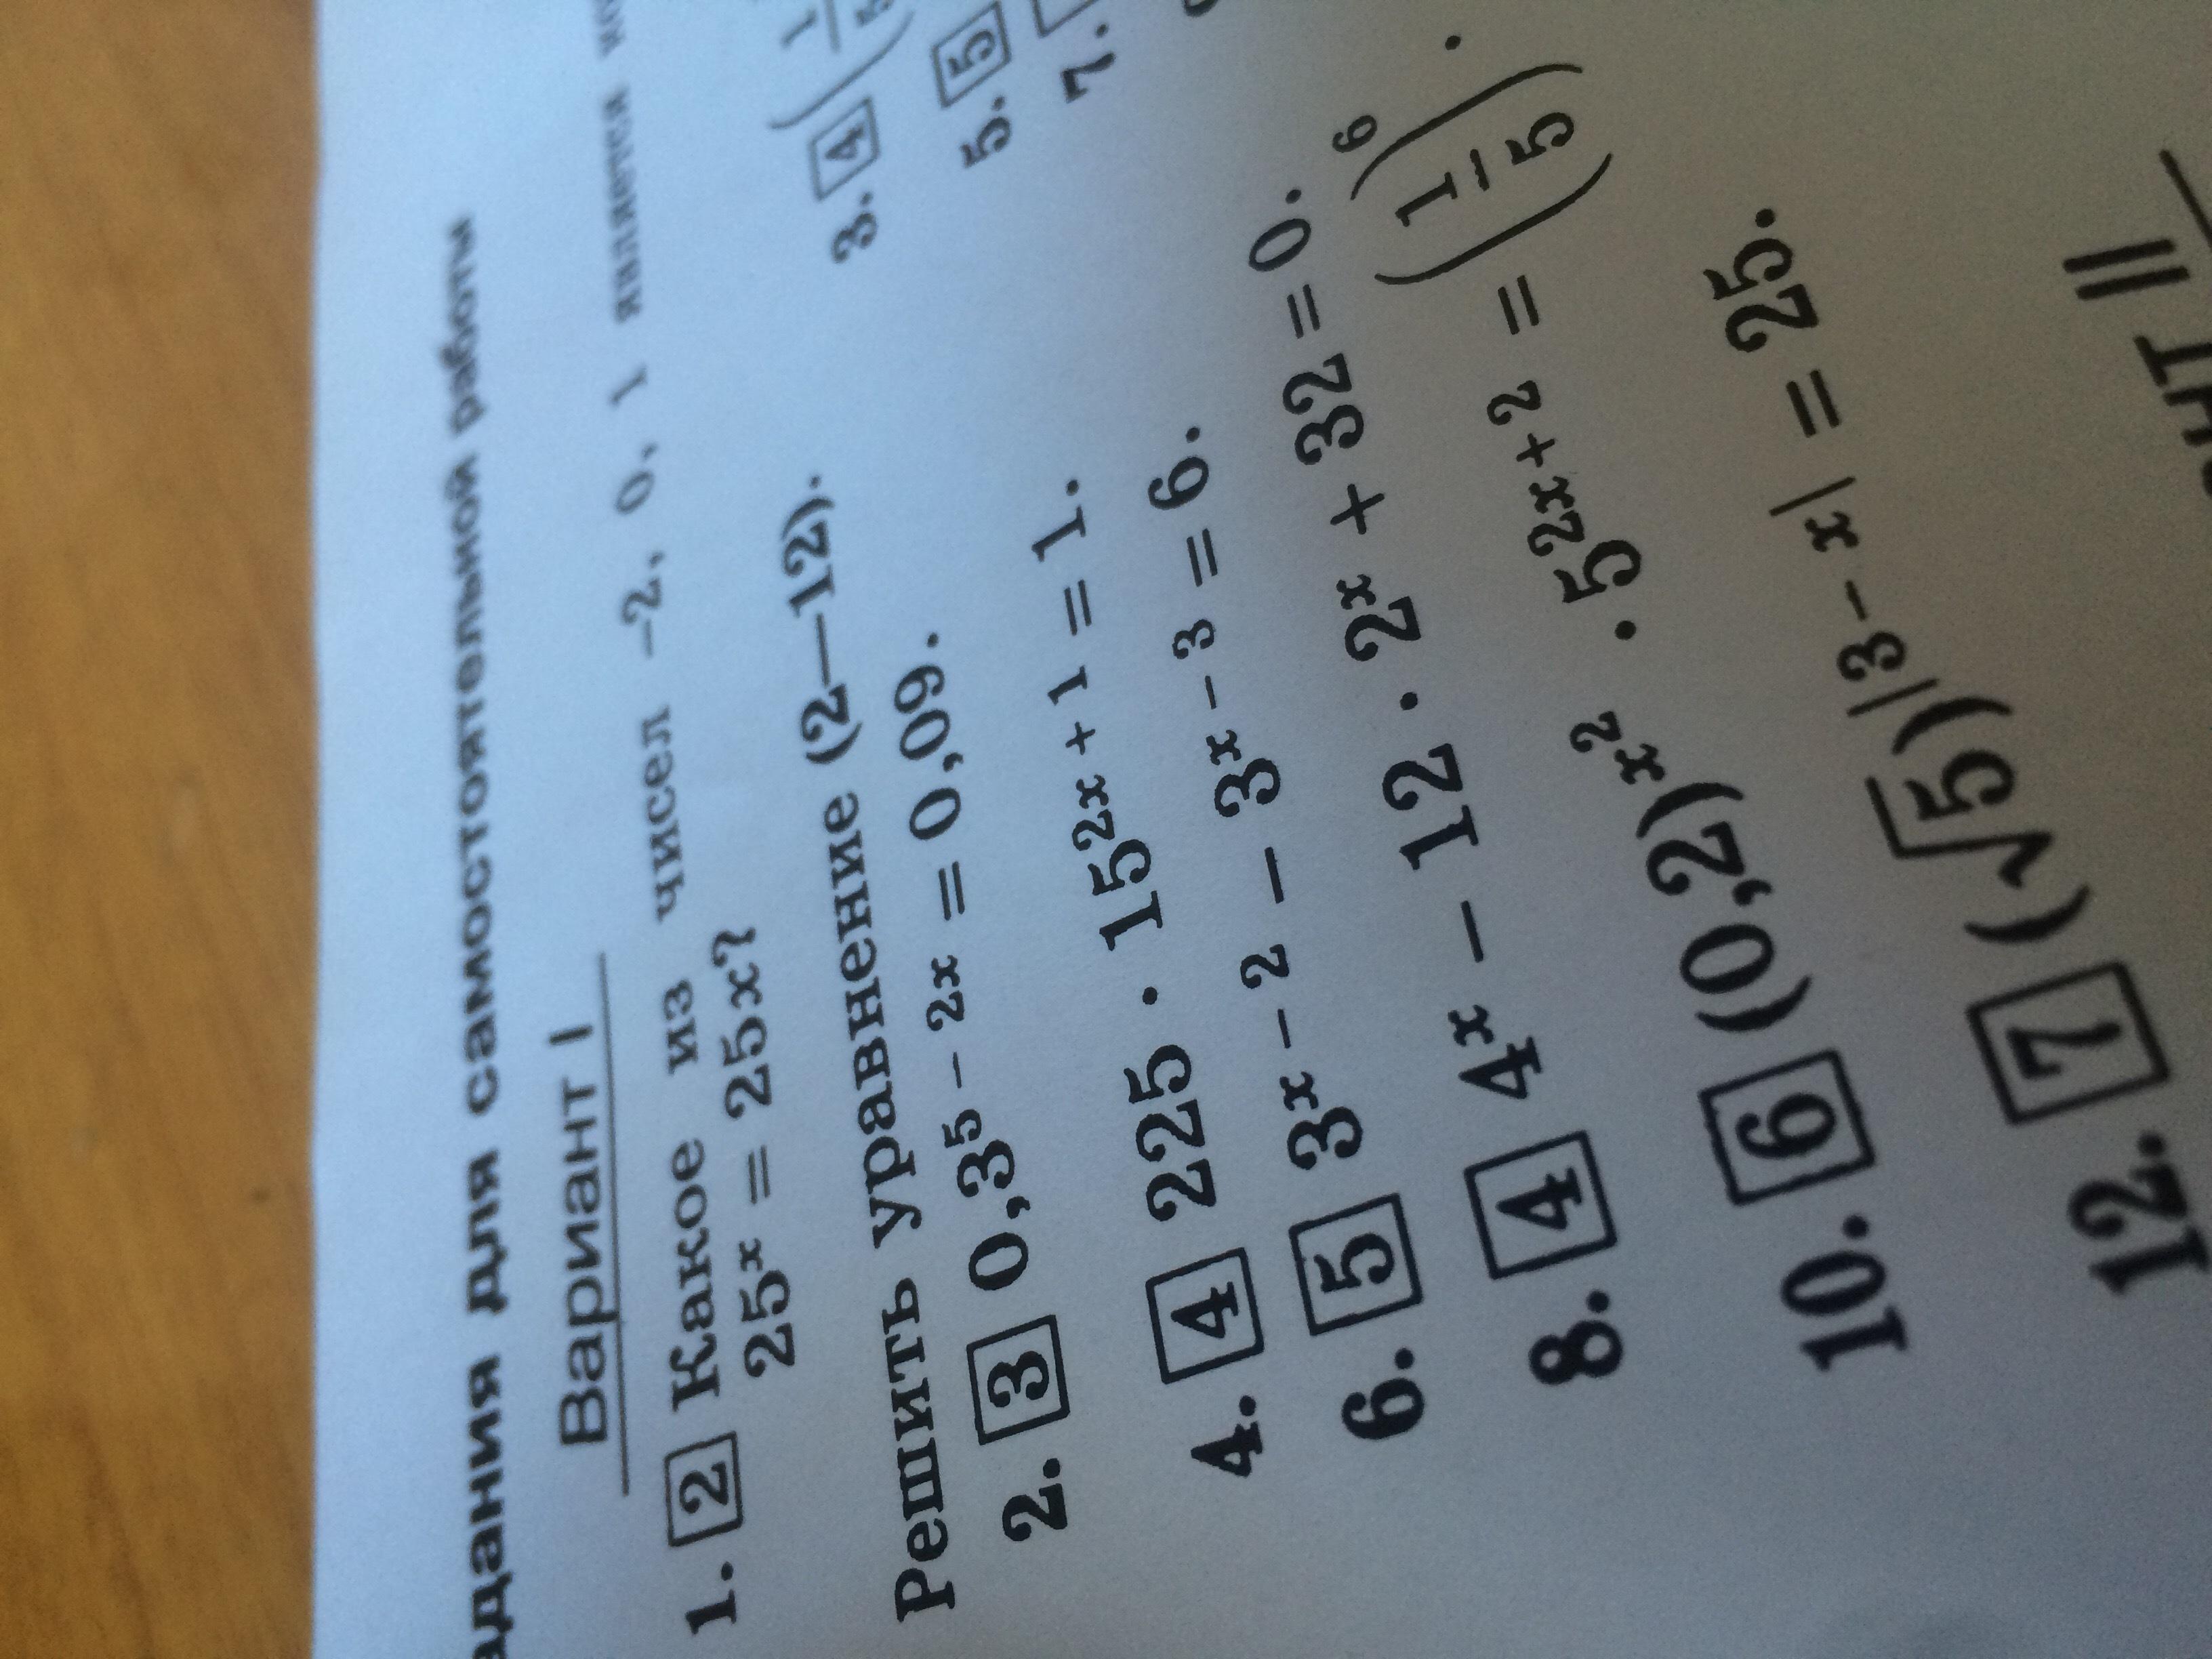 Решите пожалуйста первые 4 уравненияОчень срочно, заранее огромное спасибо?